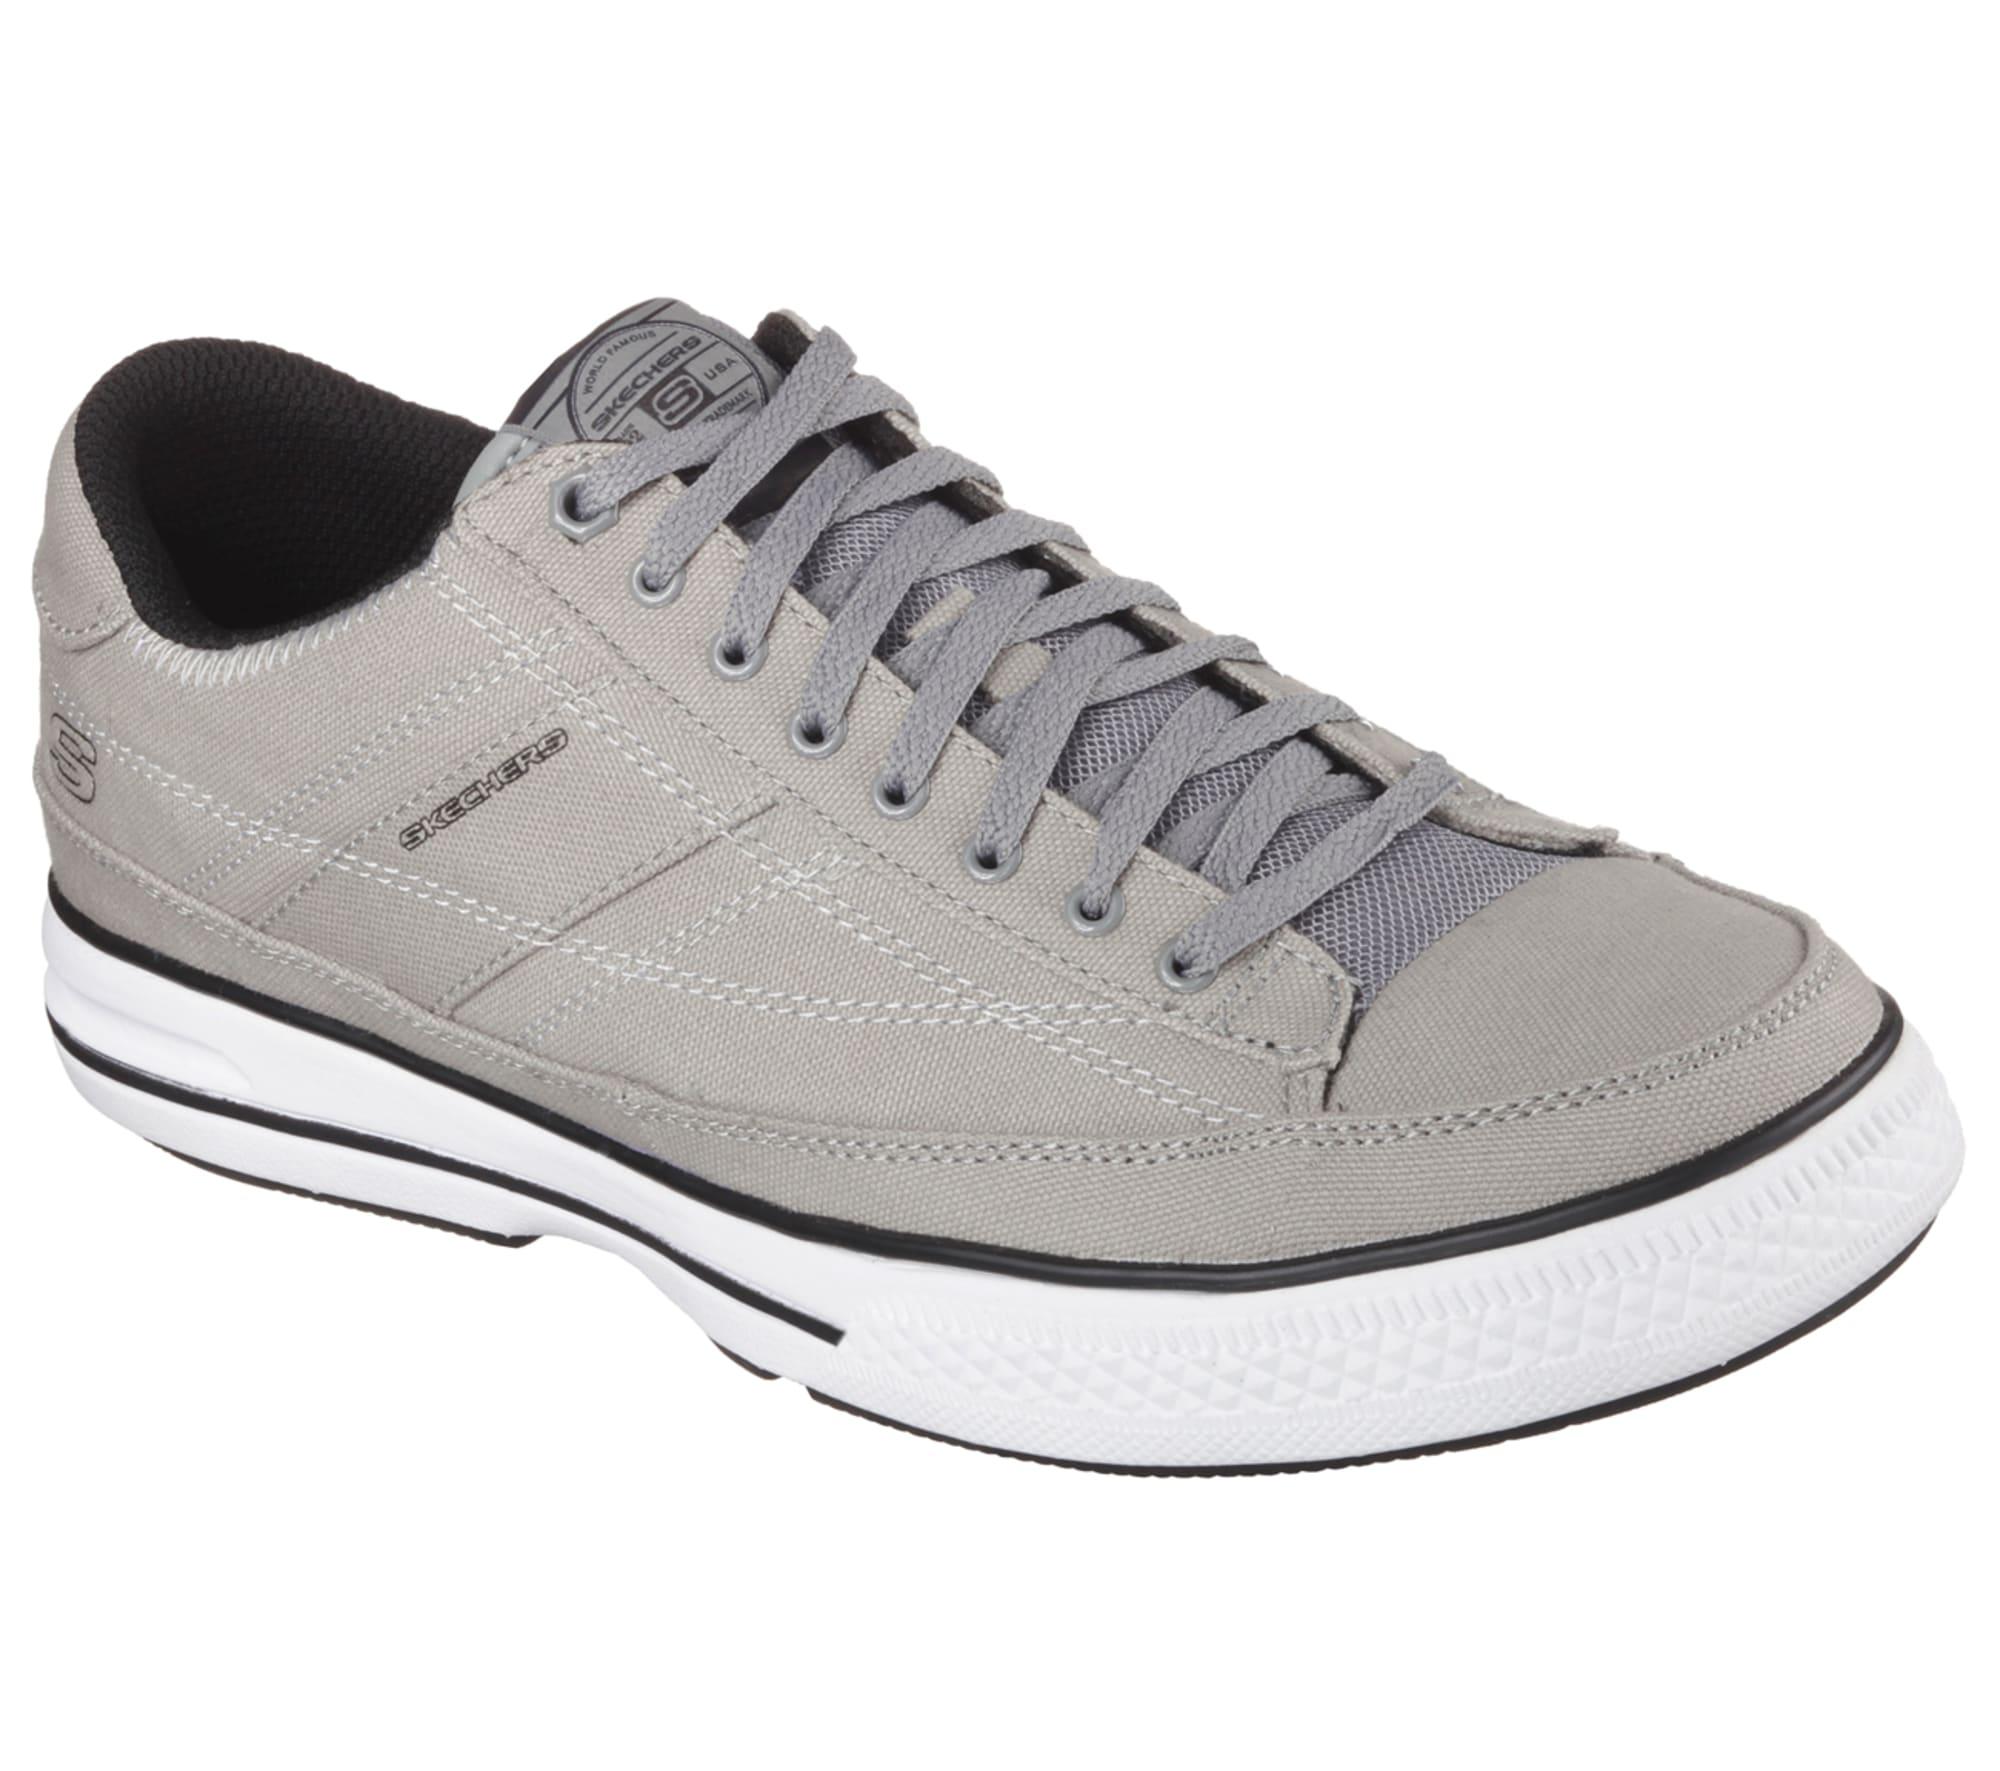 Skechers Arcade II Lounging Herren Sneaker